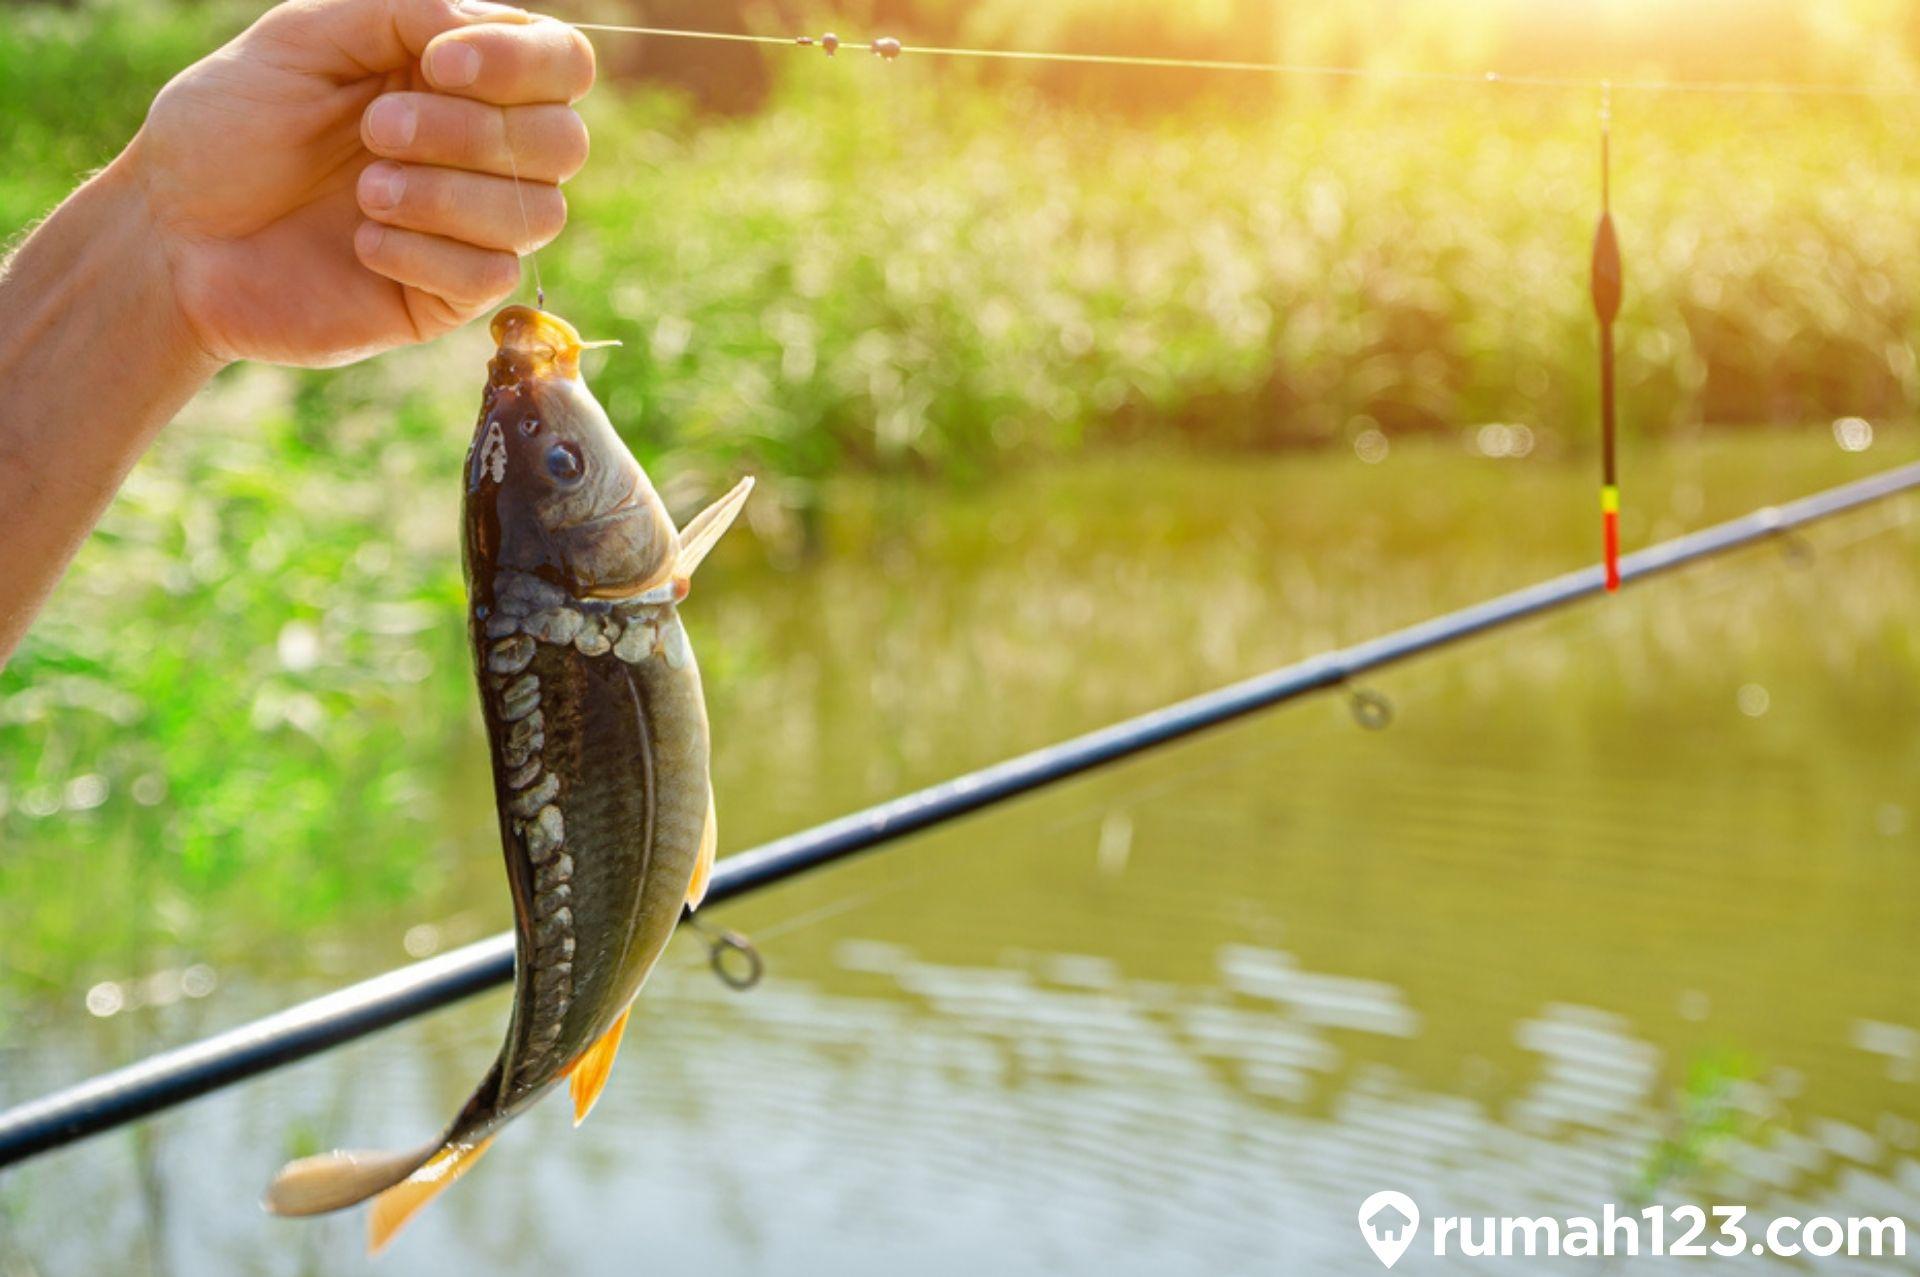 5 Umpan Ikan Mas Terbaik Bisa Racik Sendiri Gak Pake Mahal Rumah123 Com